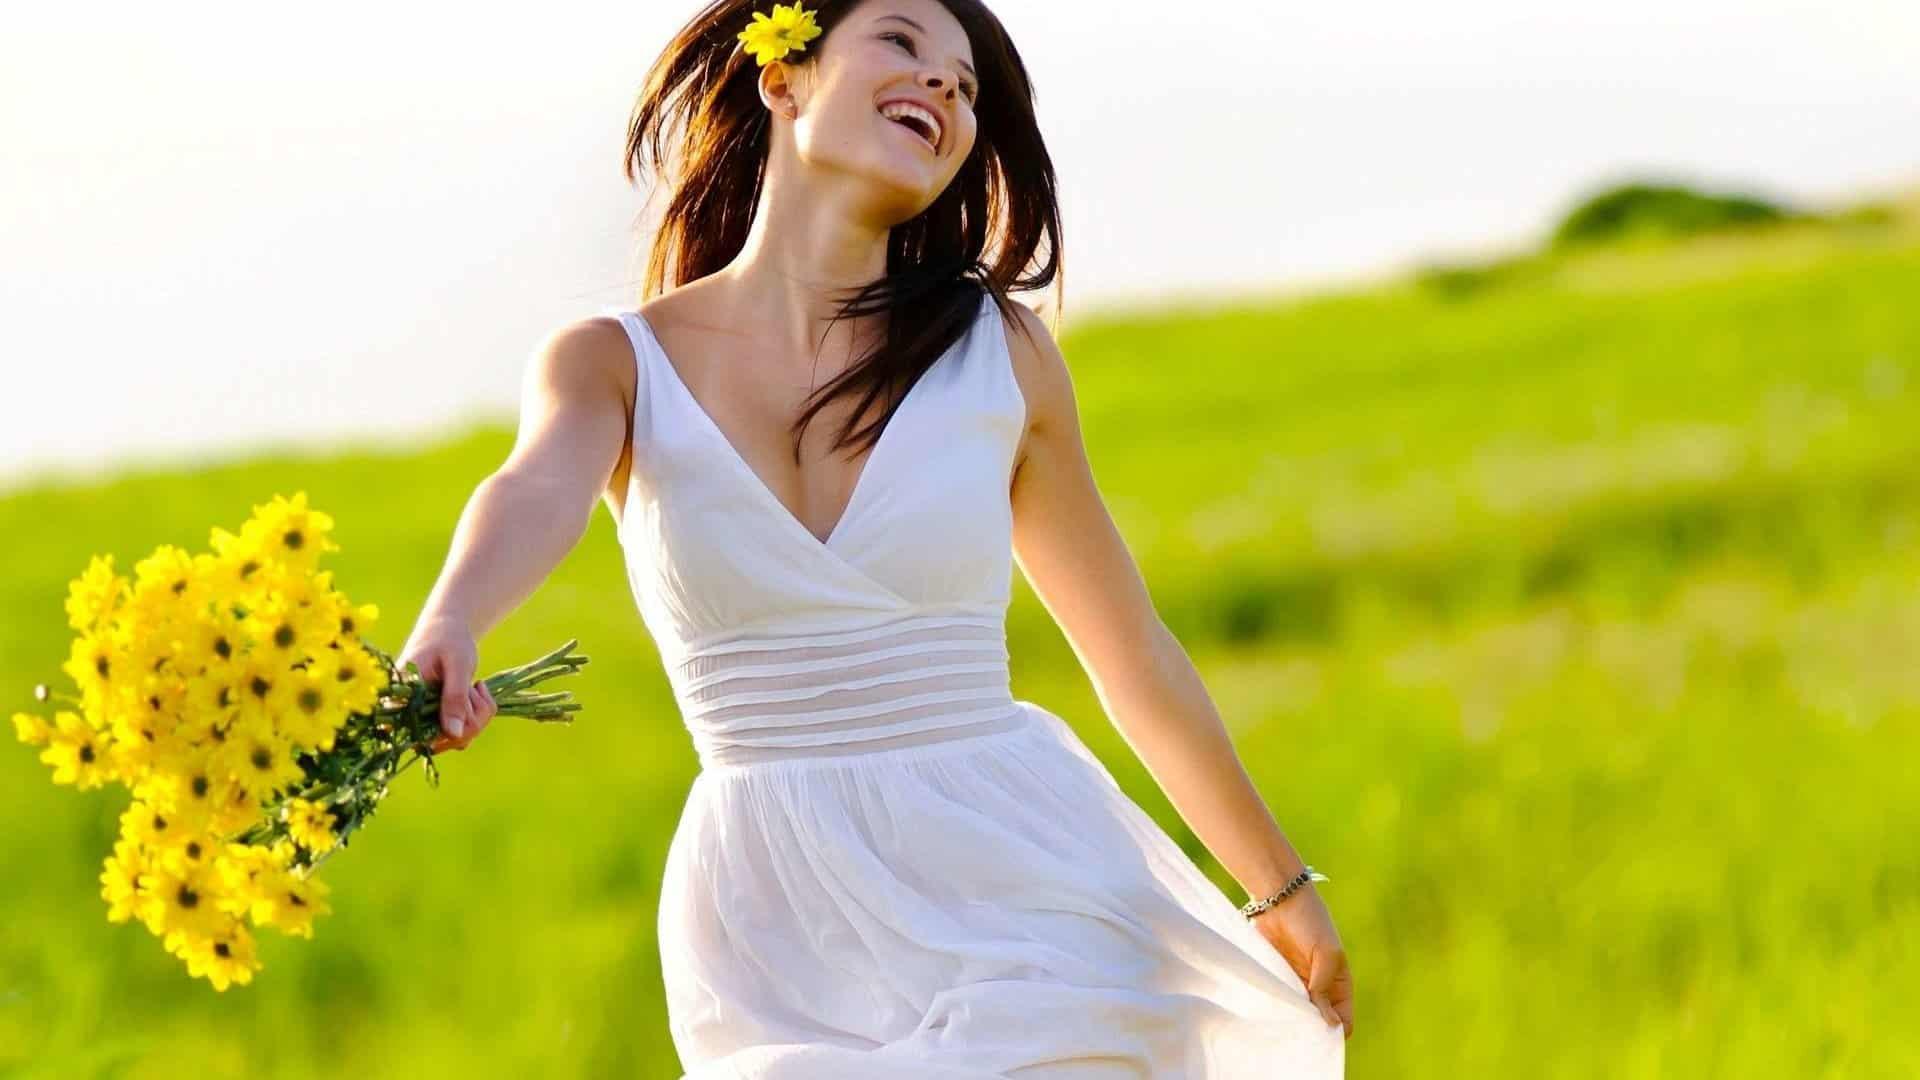 радость повышает энергетику